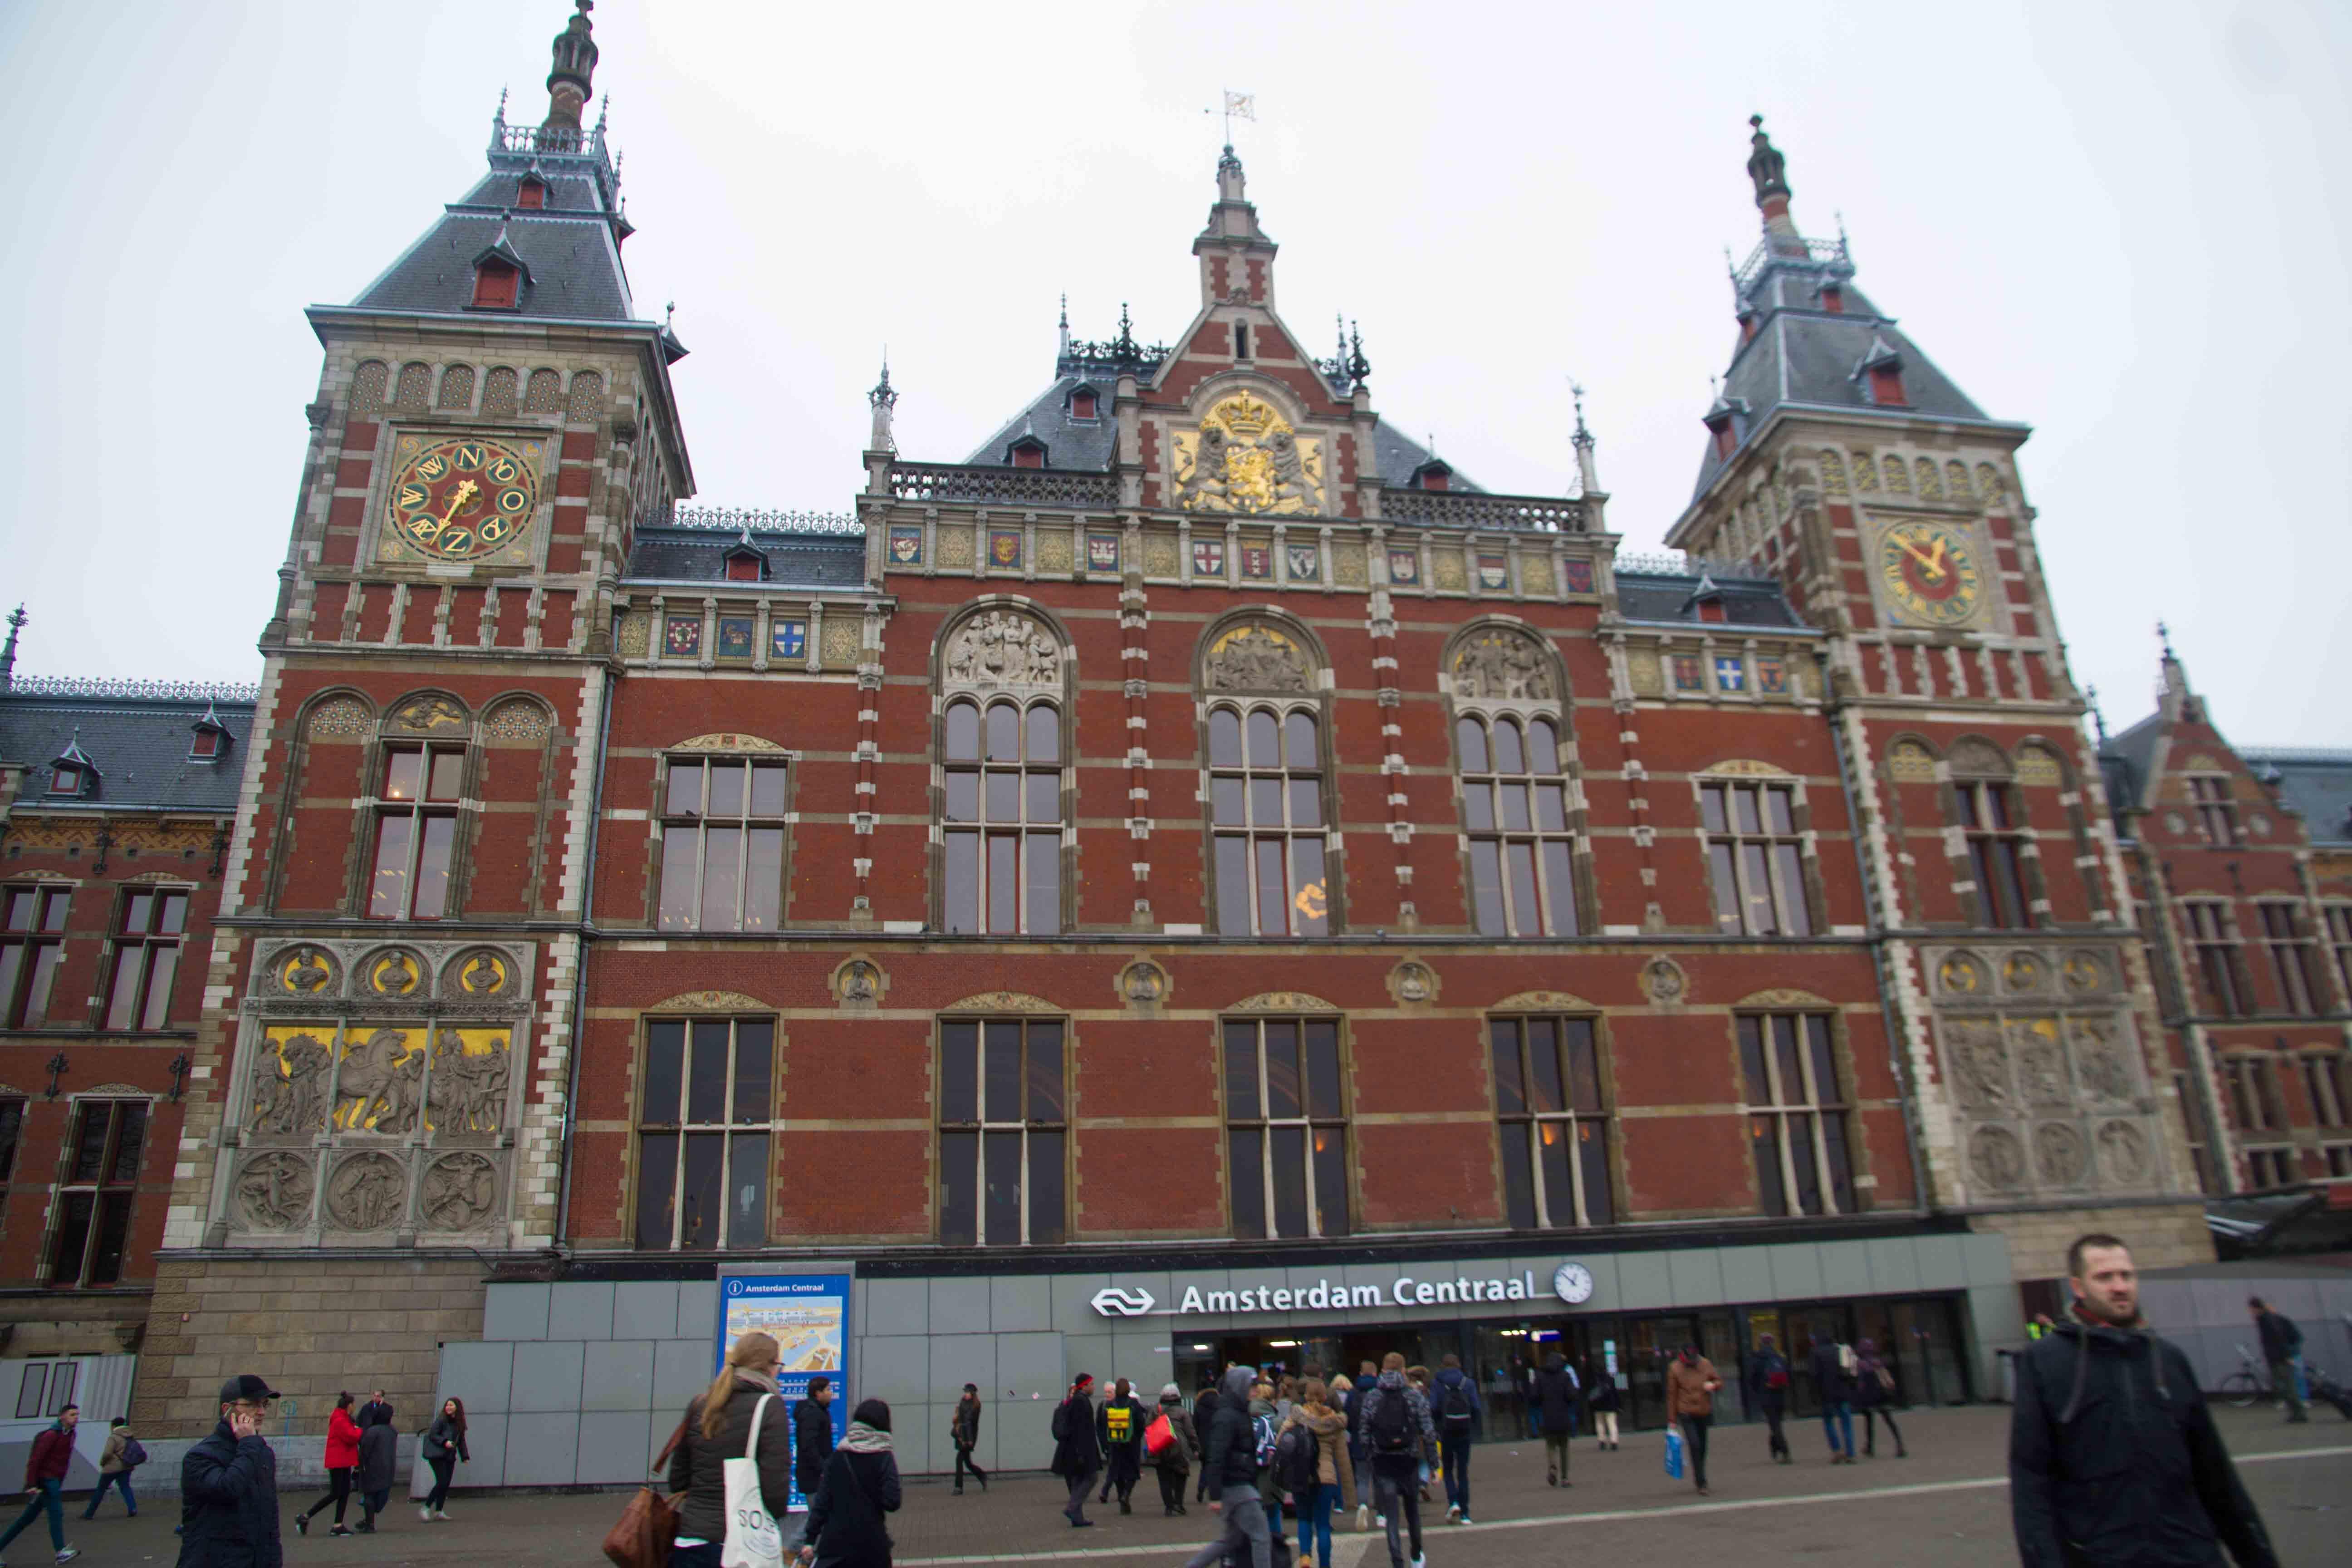 アムステルダム中央駅から徒歩10分ほど。